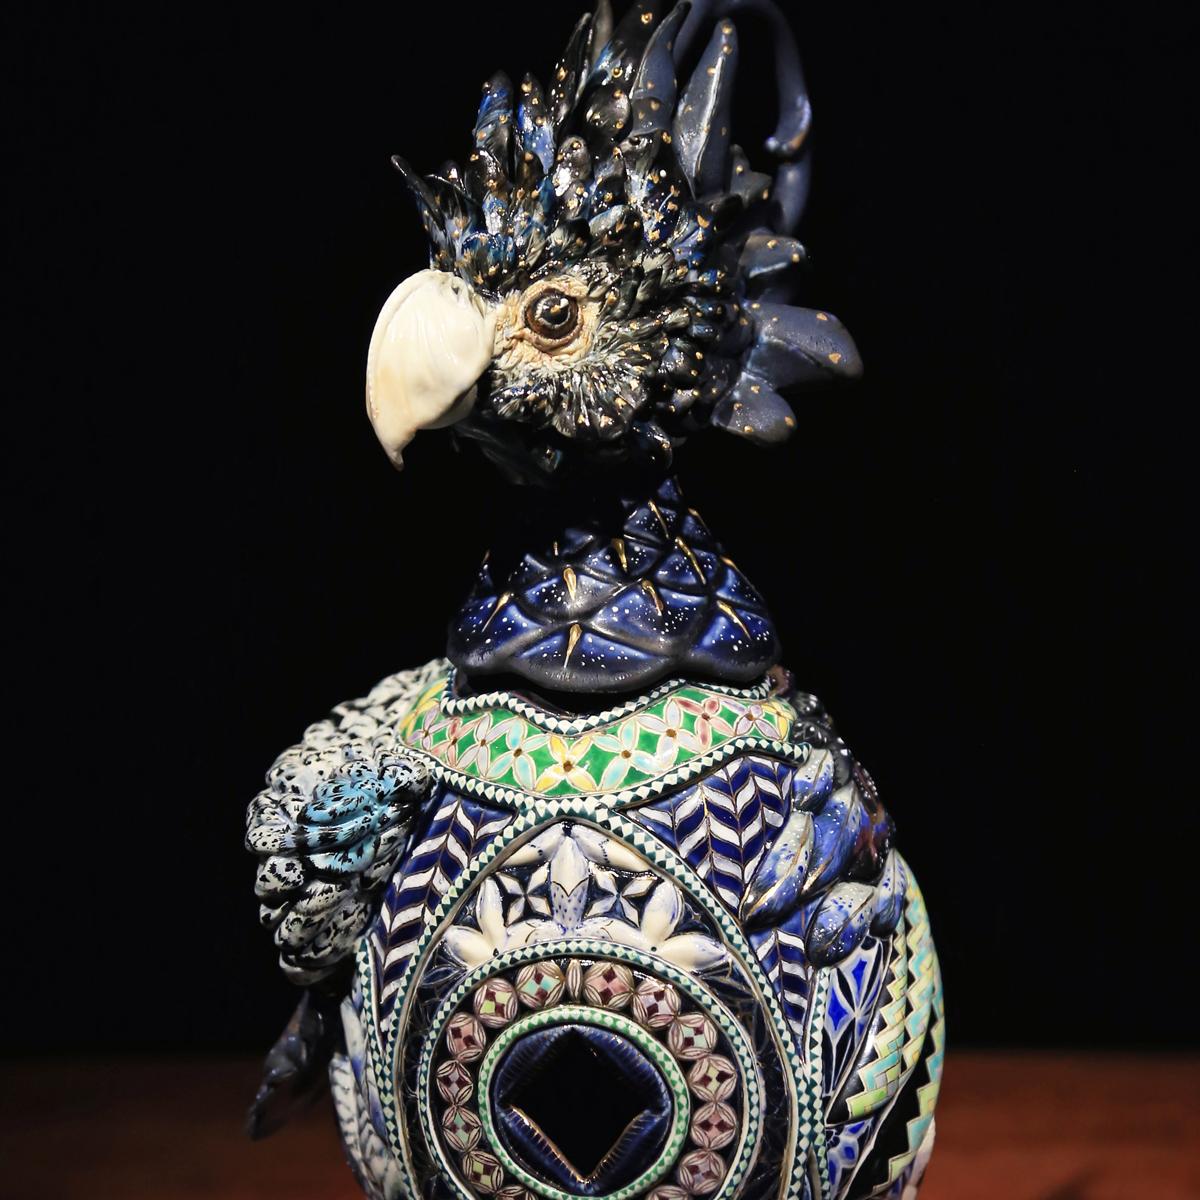 李思樺 陶藝 紋飾也作為美好的的期盼與想像,欲意捕捉消失的錦璱景象,也顯露出慾的另一精神層面。獸是文明未開化前,將其形象作為原始部落信仰中神秘力量的象徵。 藝術 作品 期盼能獲得與之相同的力量,逐漸成為部族神聖的圖騰,庇佑後代子孫的護身符。